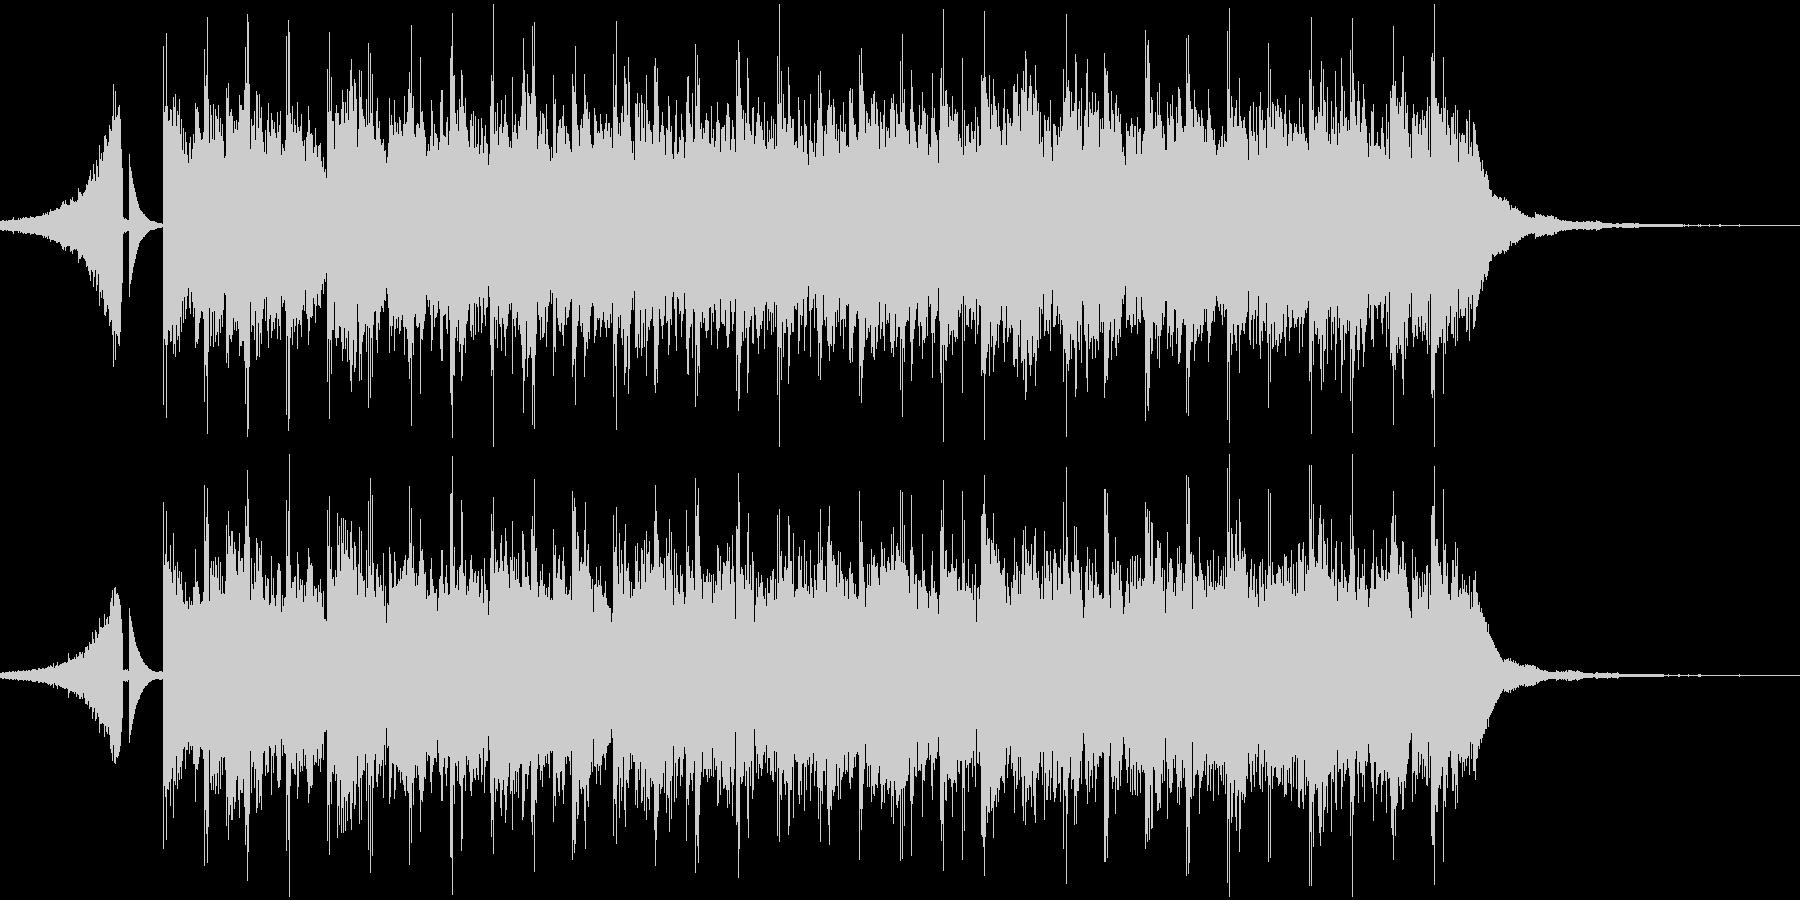 予告などに使えるポップなシンセの短い曲の未再生の波形